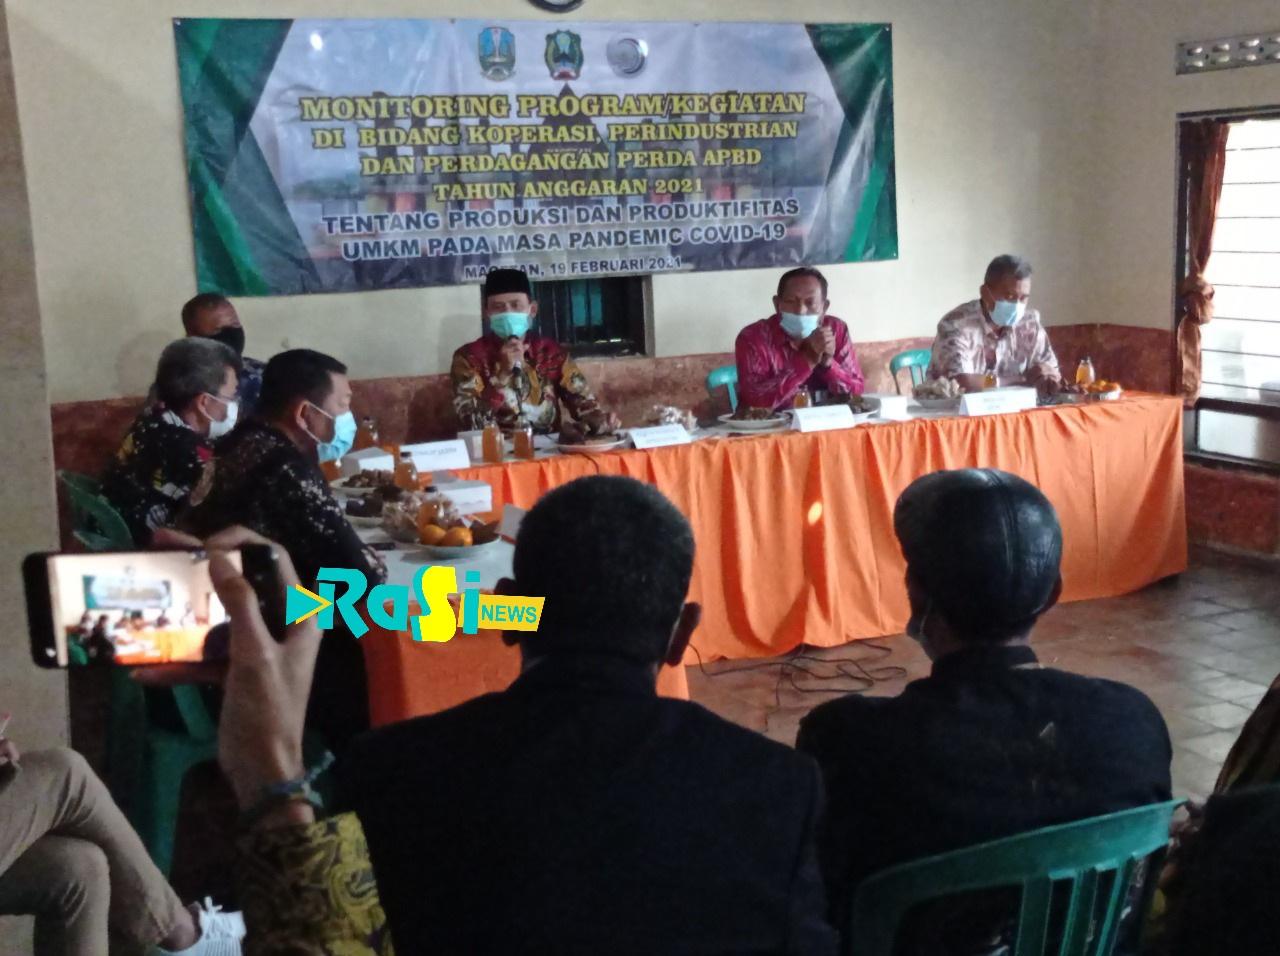 Dikunjungi Komisi B DPRD Jatim Pelaku UMKM di Magetan Butuh Pasar Untuk Menjual Produk Mereka di Masa Pandemi